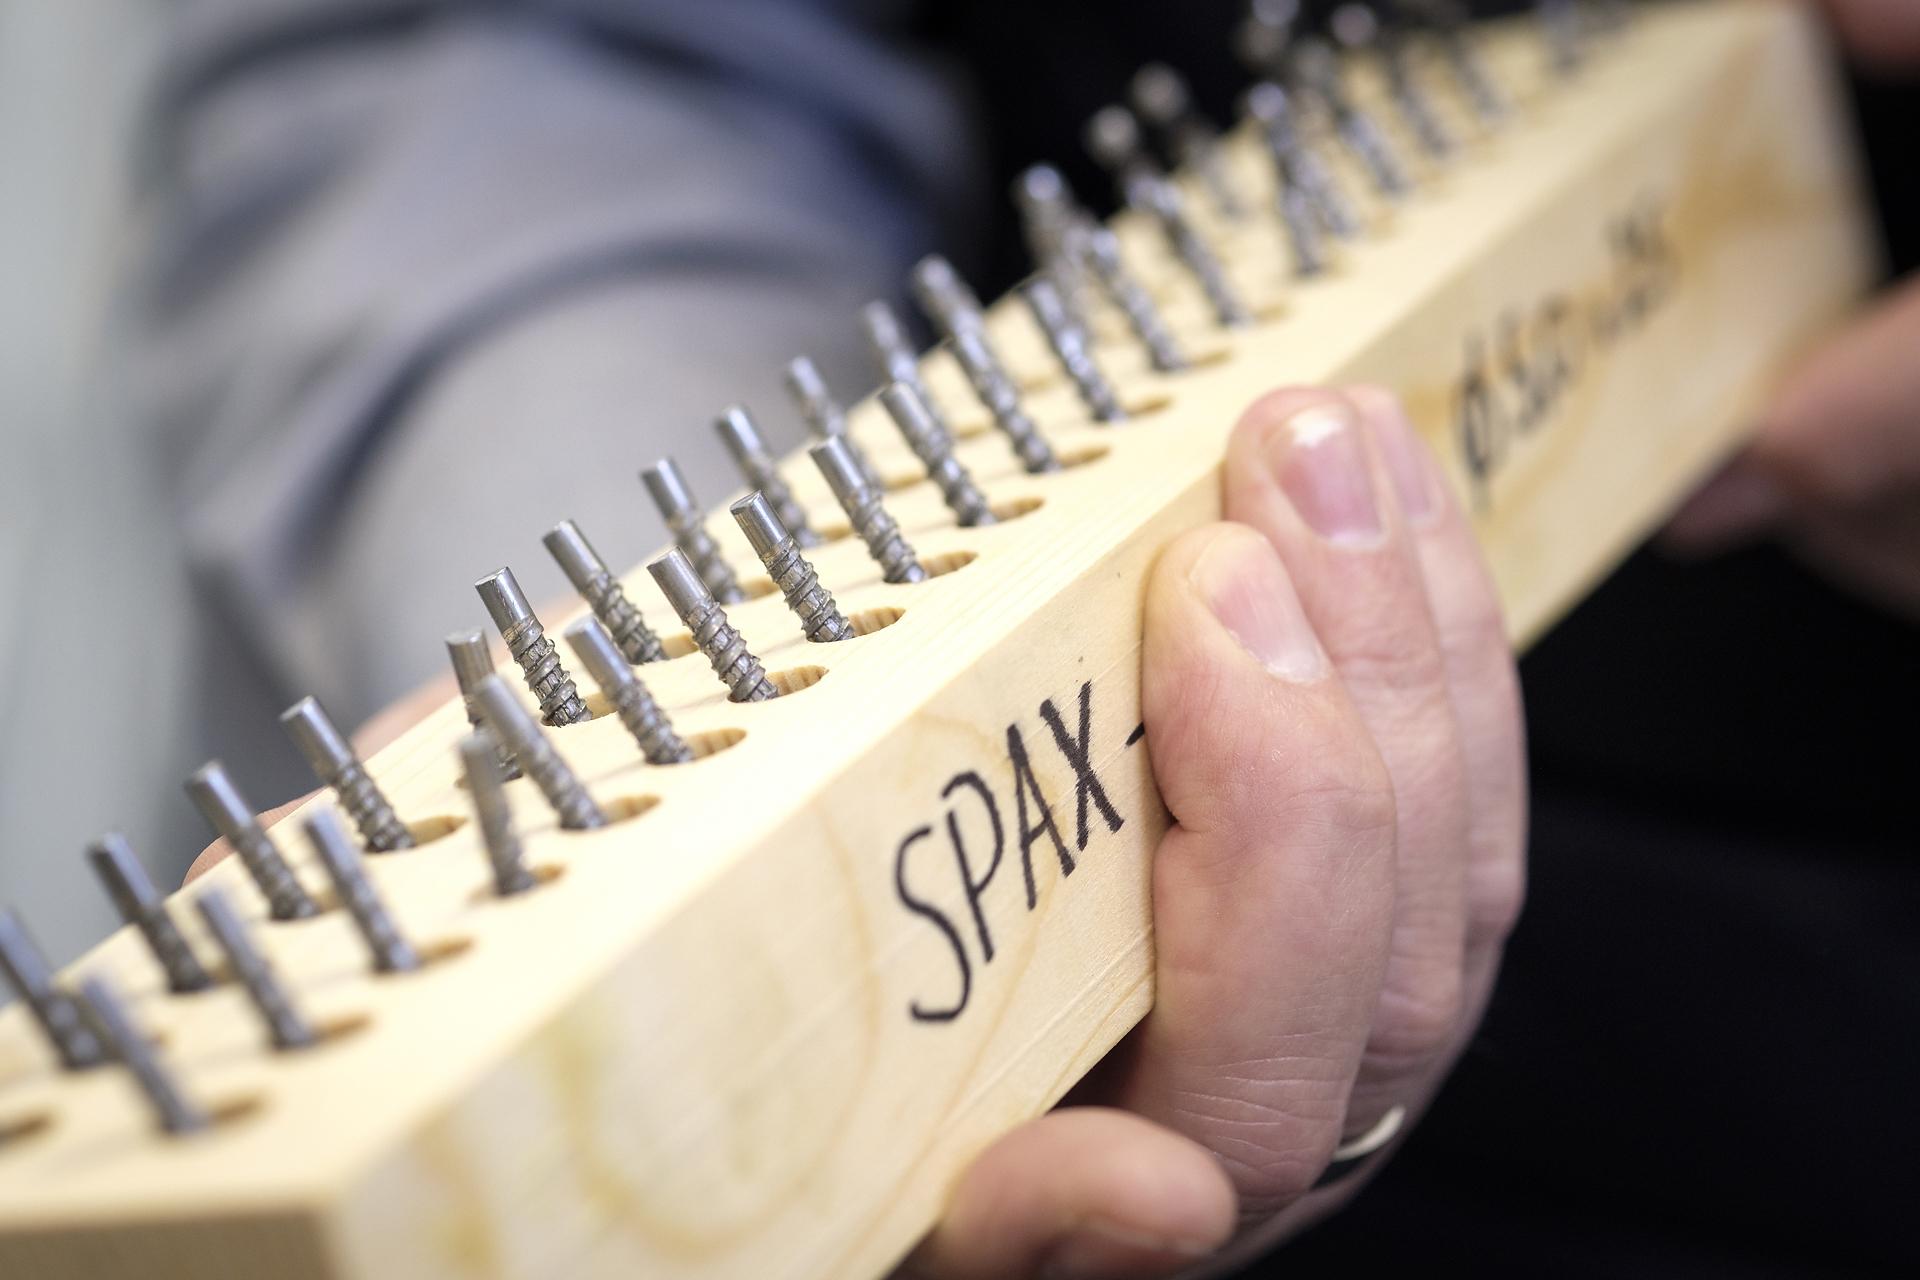 170125-spax-042